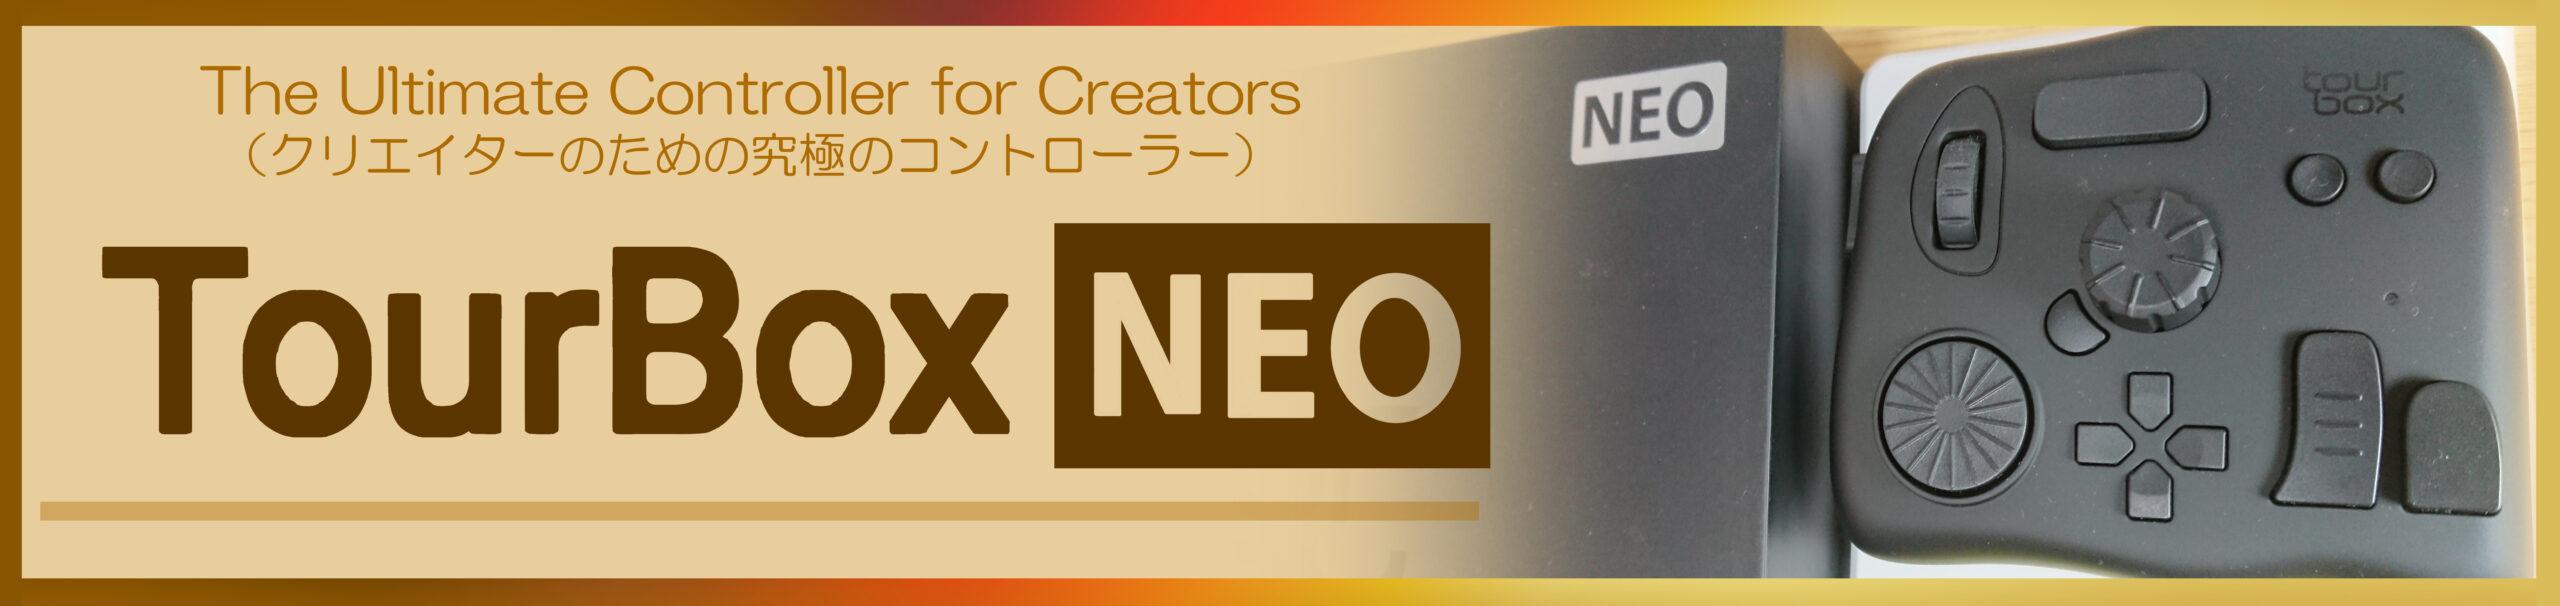 「tourbox NEO」の購入窓口